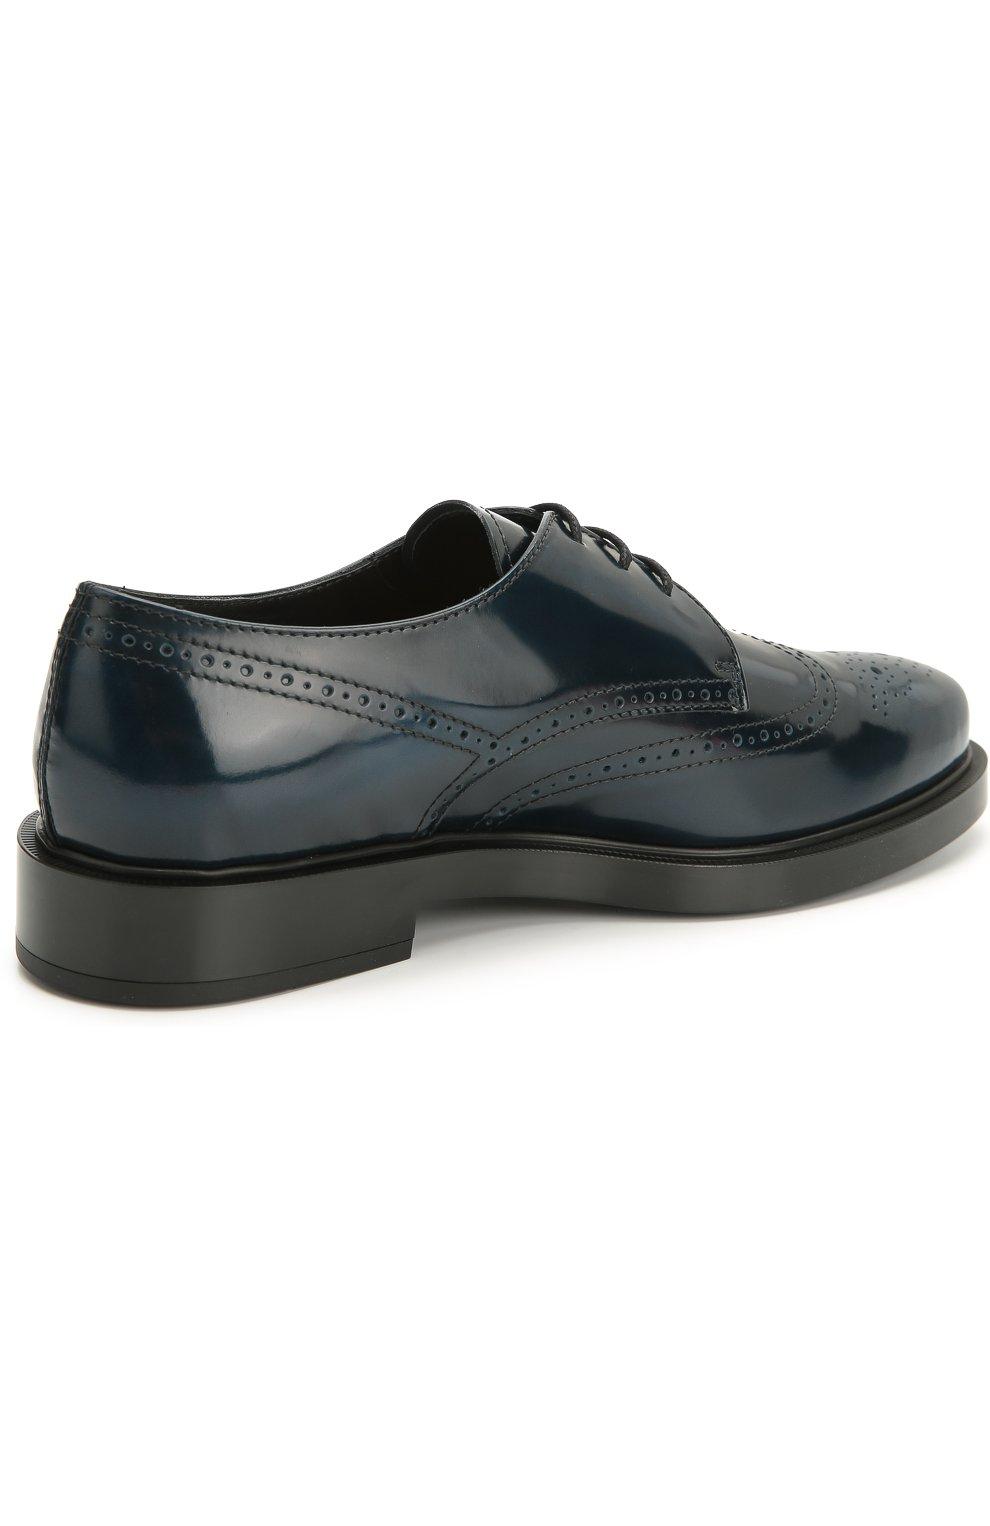 Кожаные ботинки Gomma с перфорацией   Фото №4